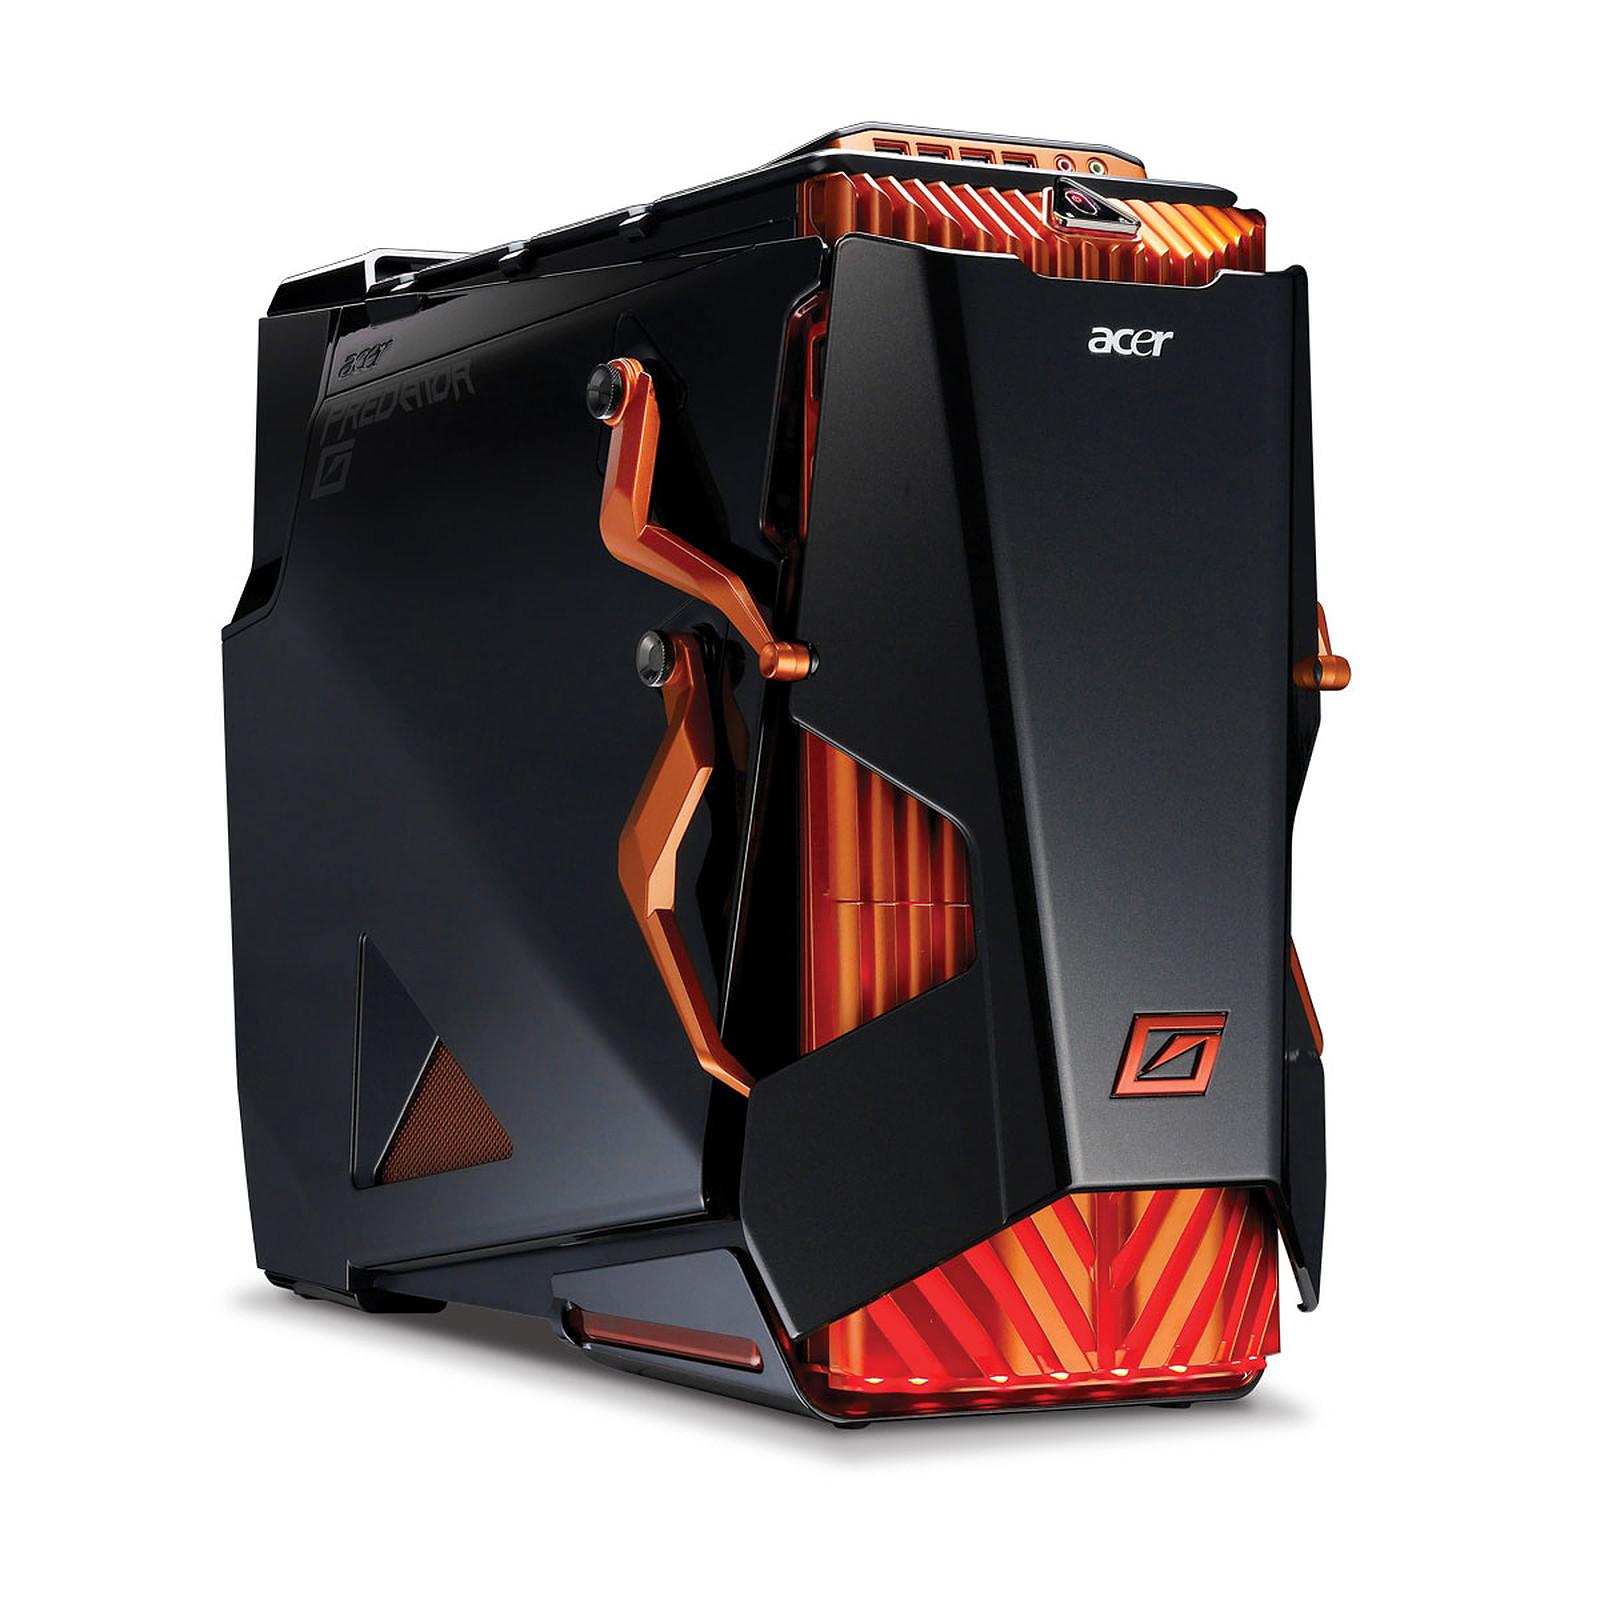 Acer Aspire Predator G7760-009